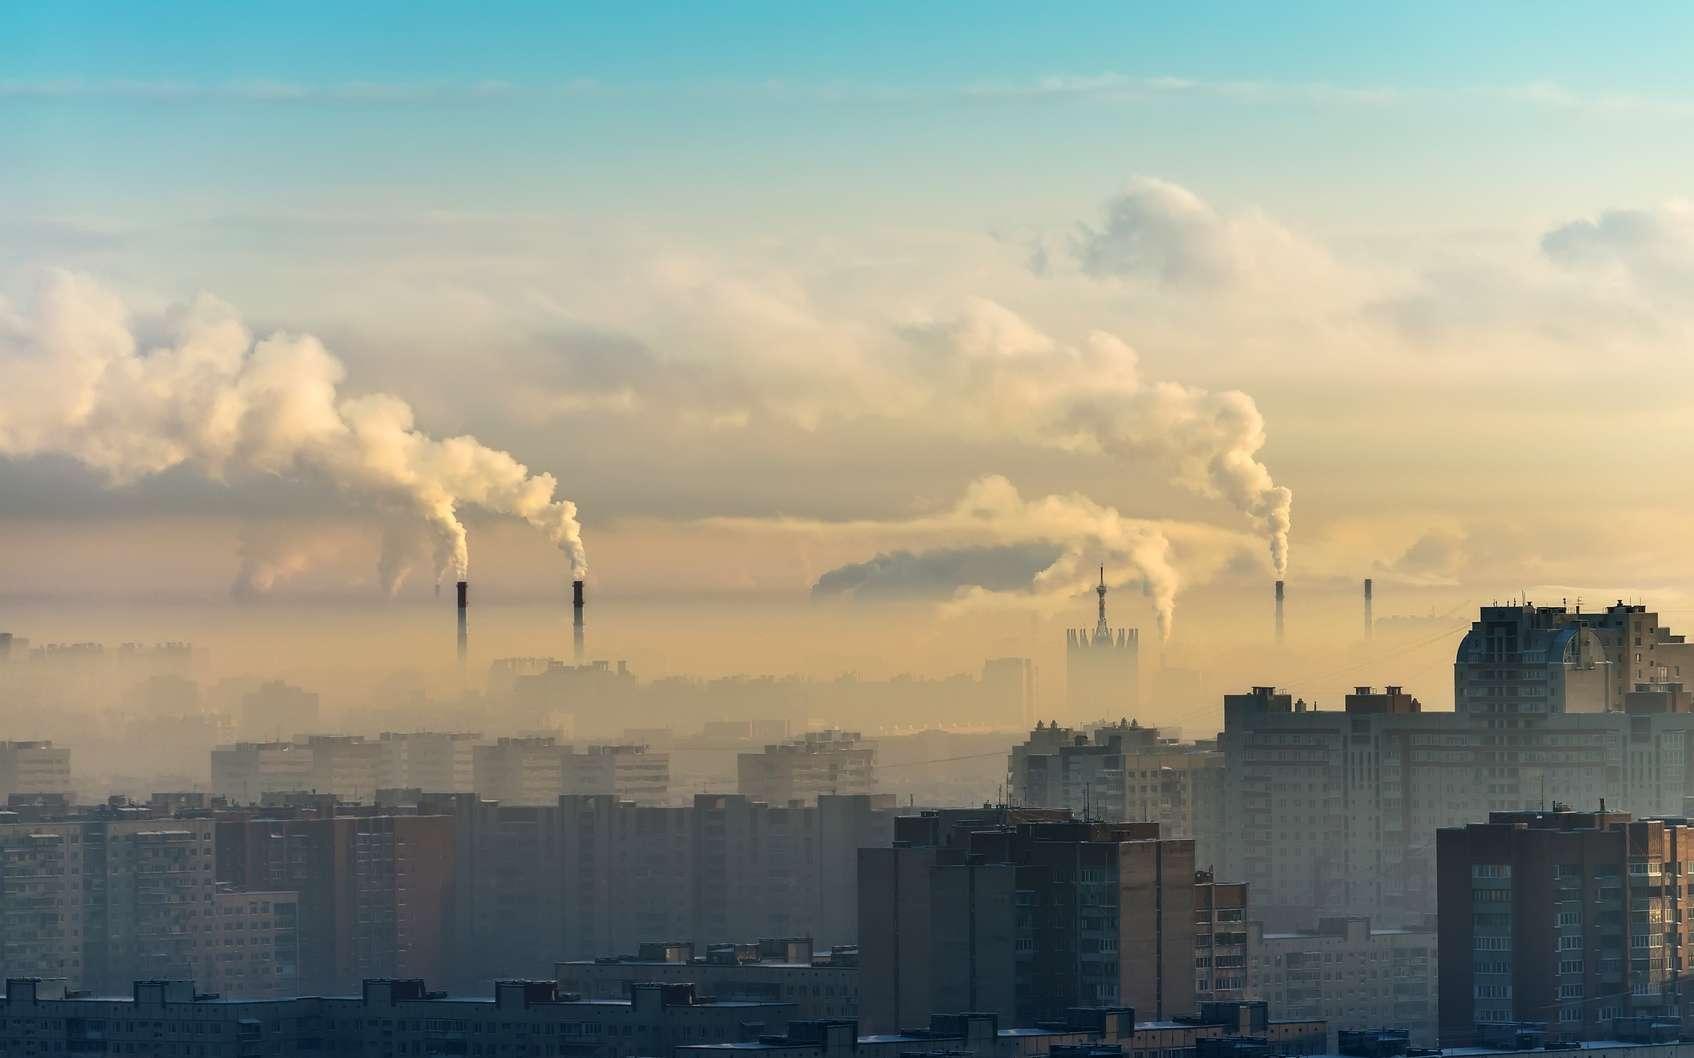 Les smogs sont des nuages de pollution essentiellement constitués d'ozone troposphérique et de particules fines. © aapsky, fotolia